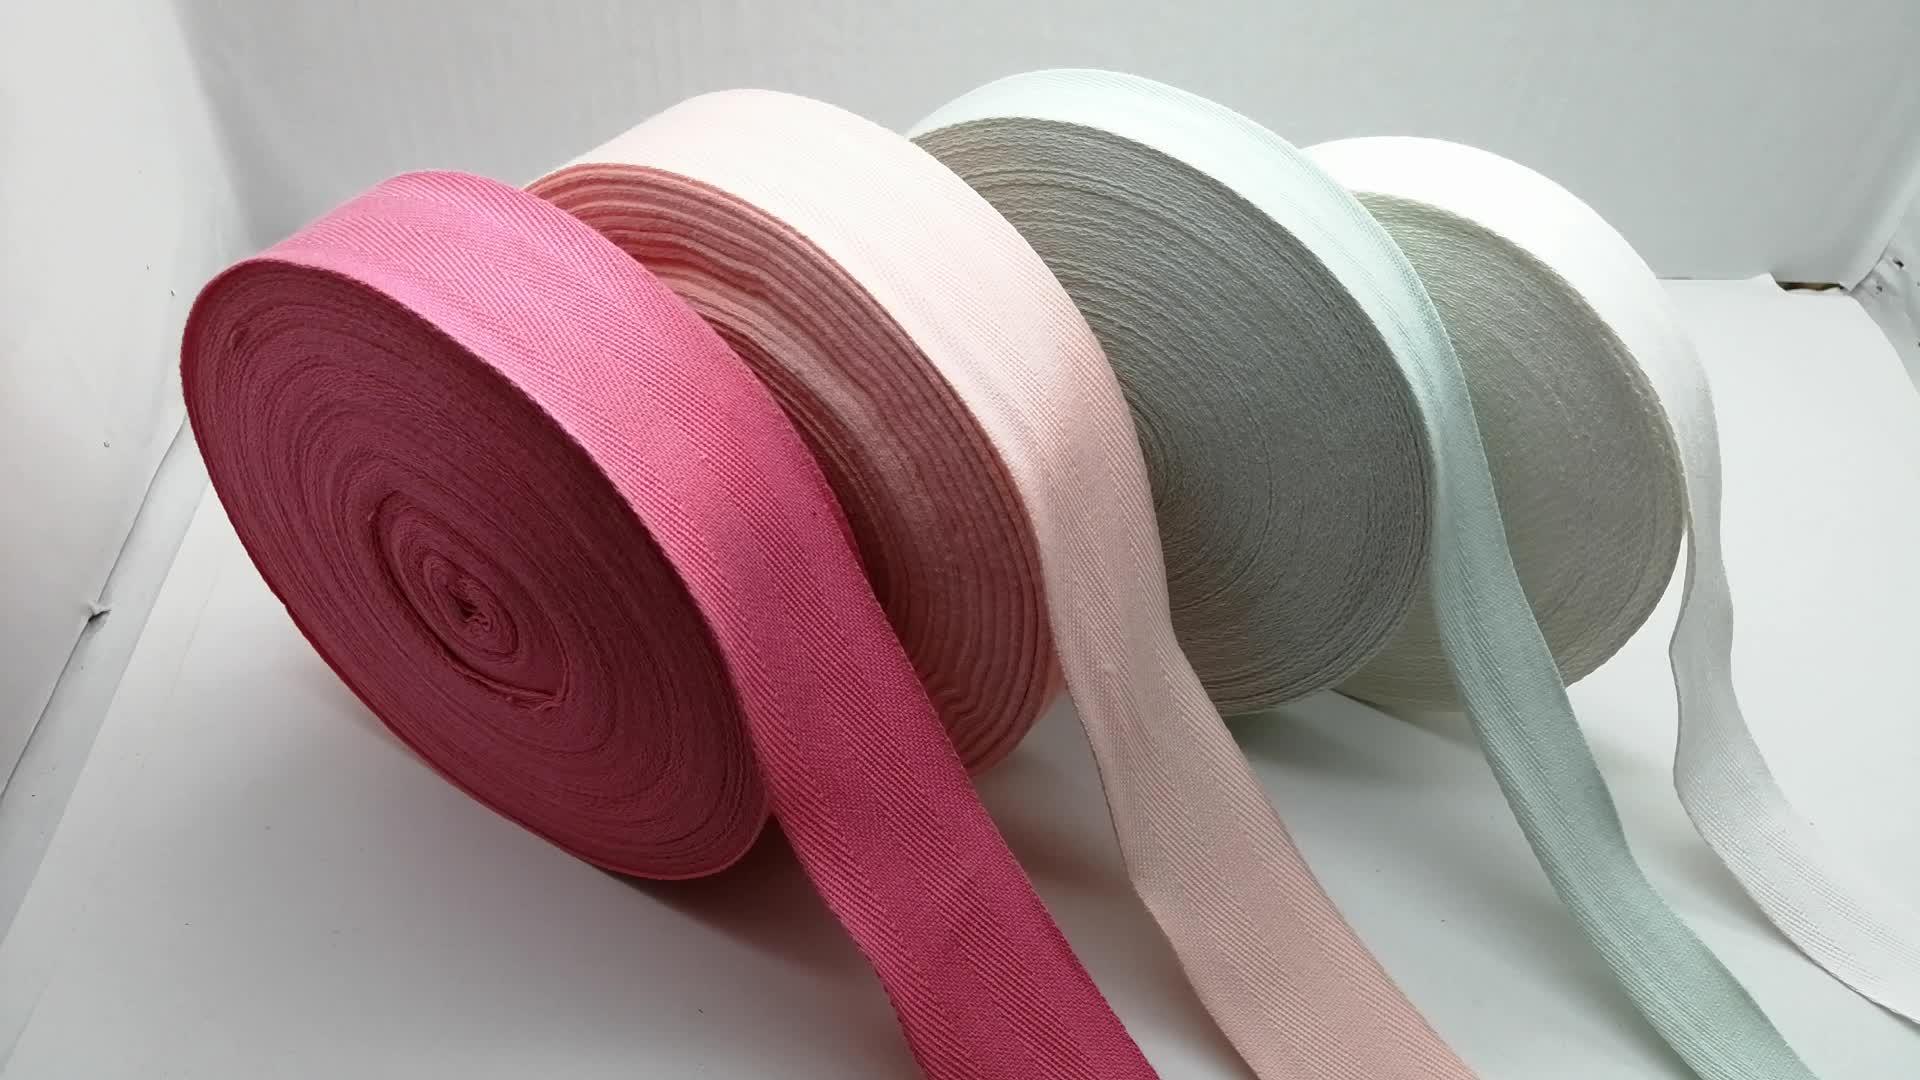 herringbone pattern thin cotton binding tape for garment